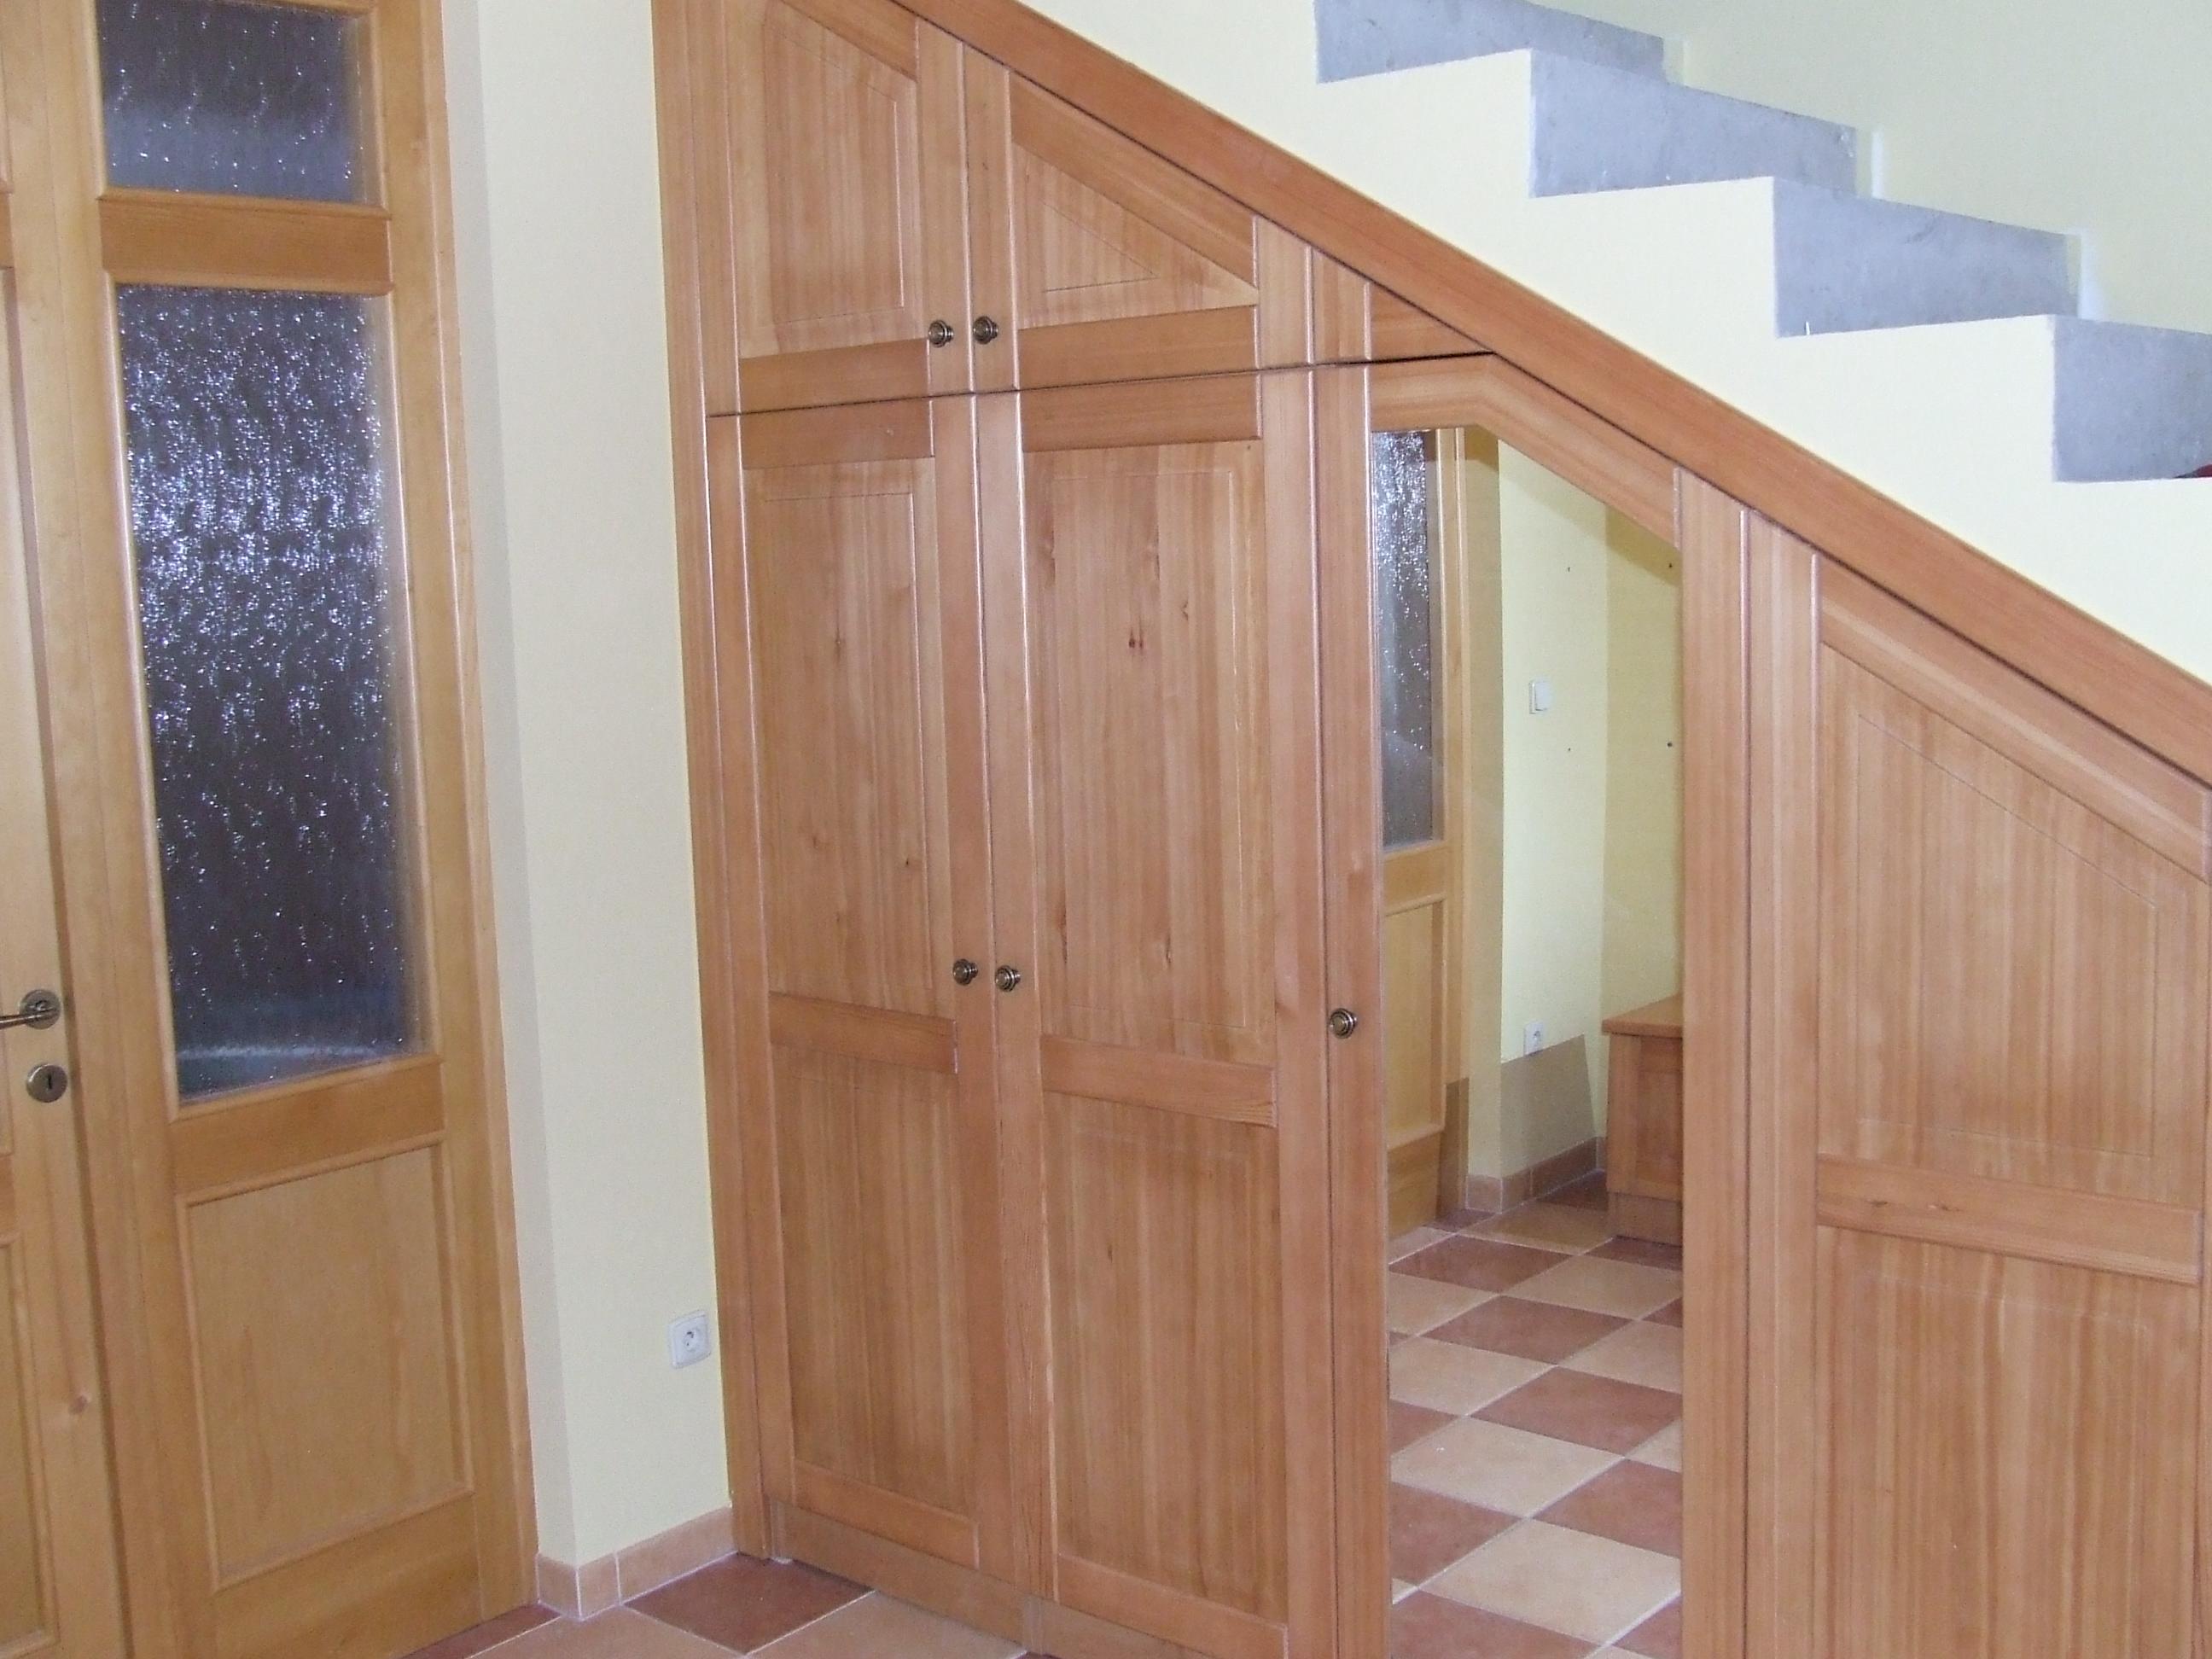 http://www.cesko-katalog.cz/galerie/vlastimil-strubl1443522648.